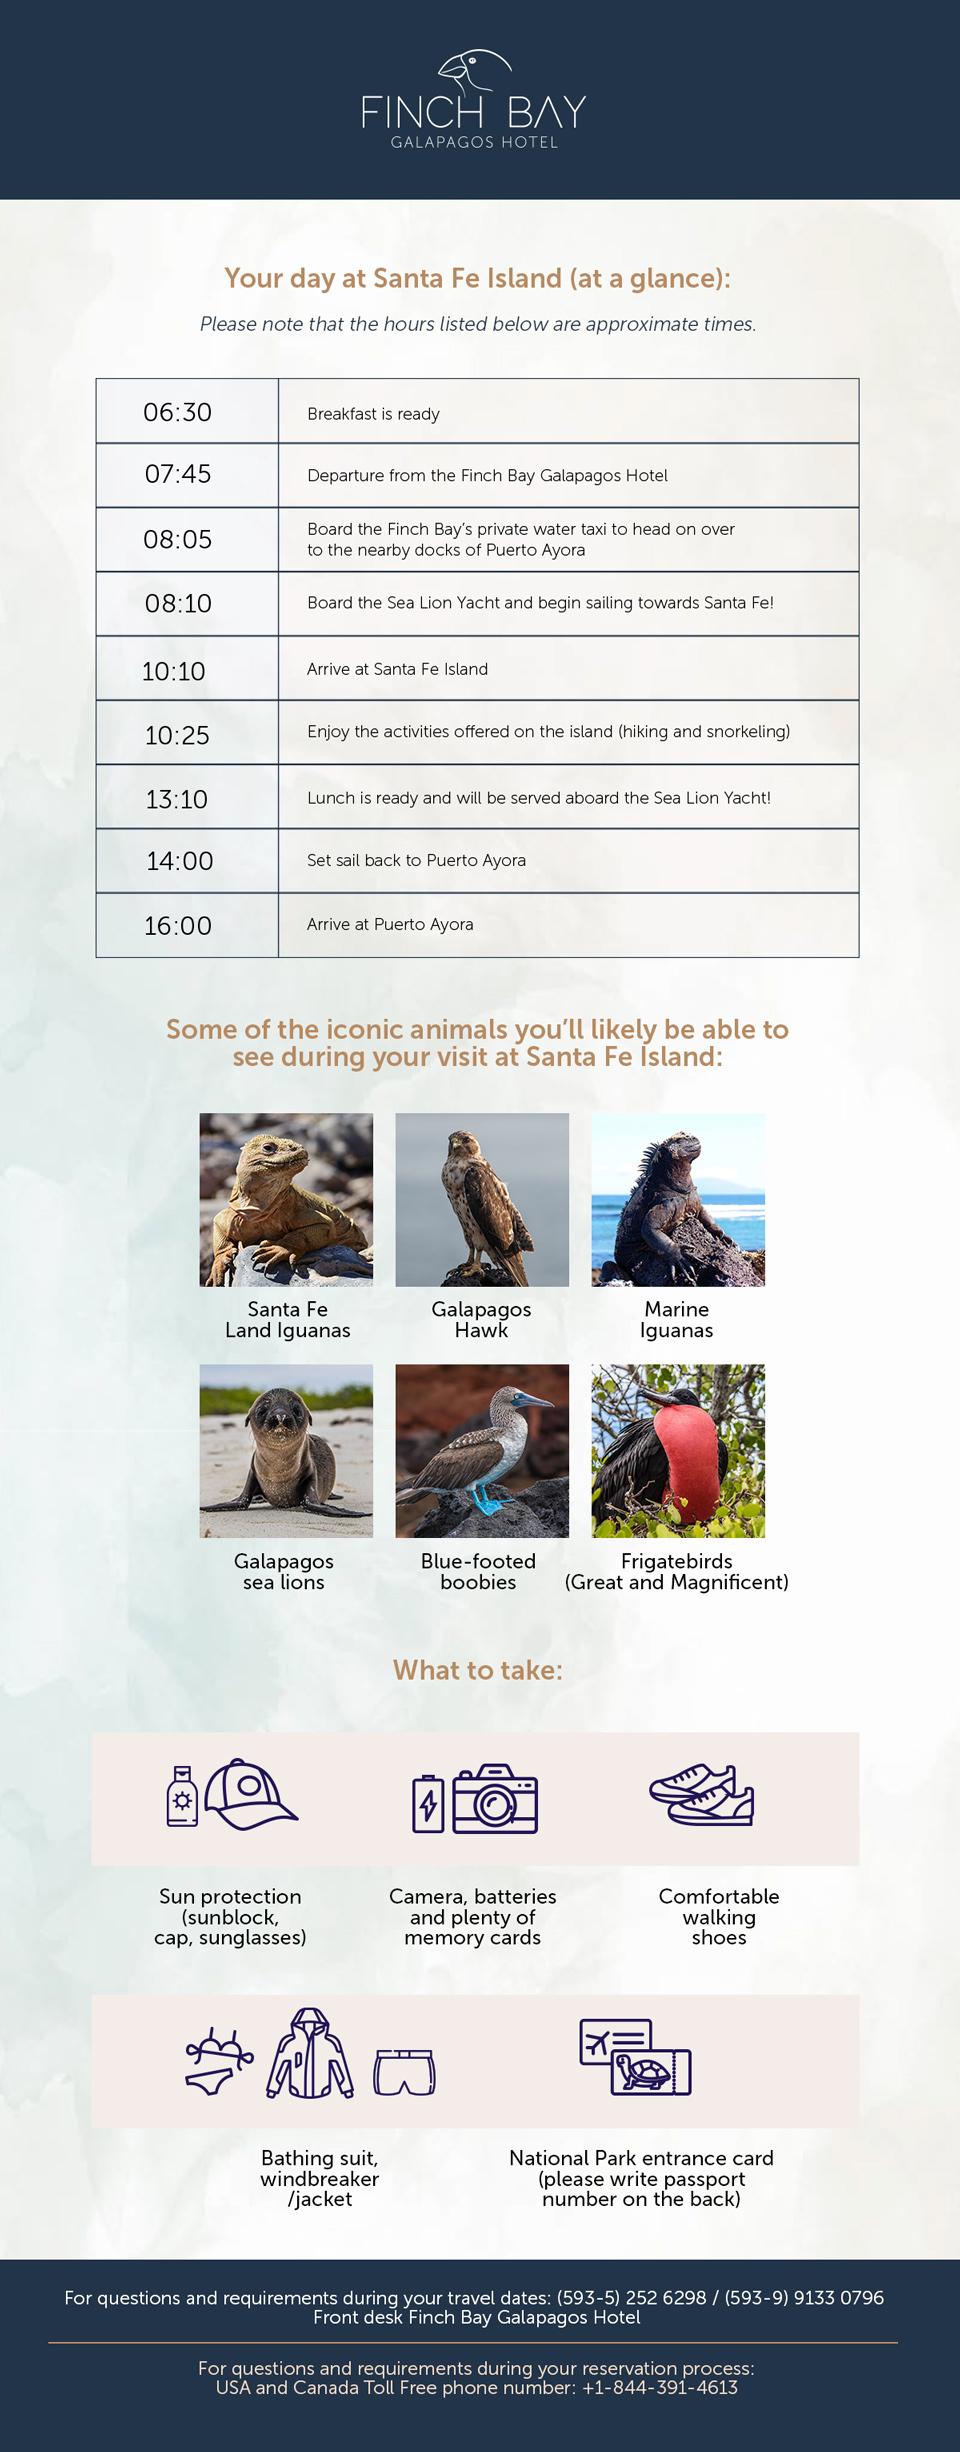 Sea Lion Yacht's Itinerary: Santa Fe Island